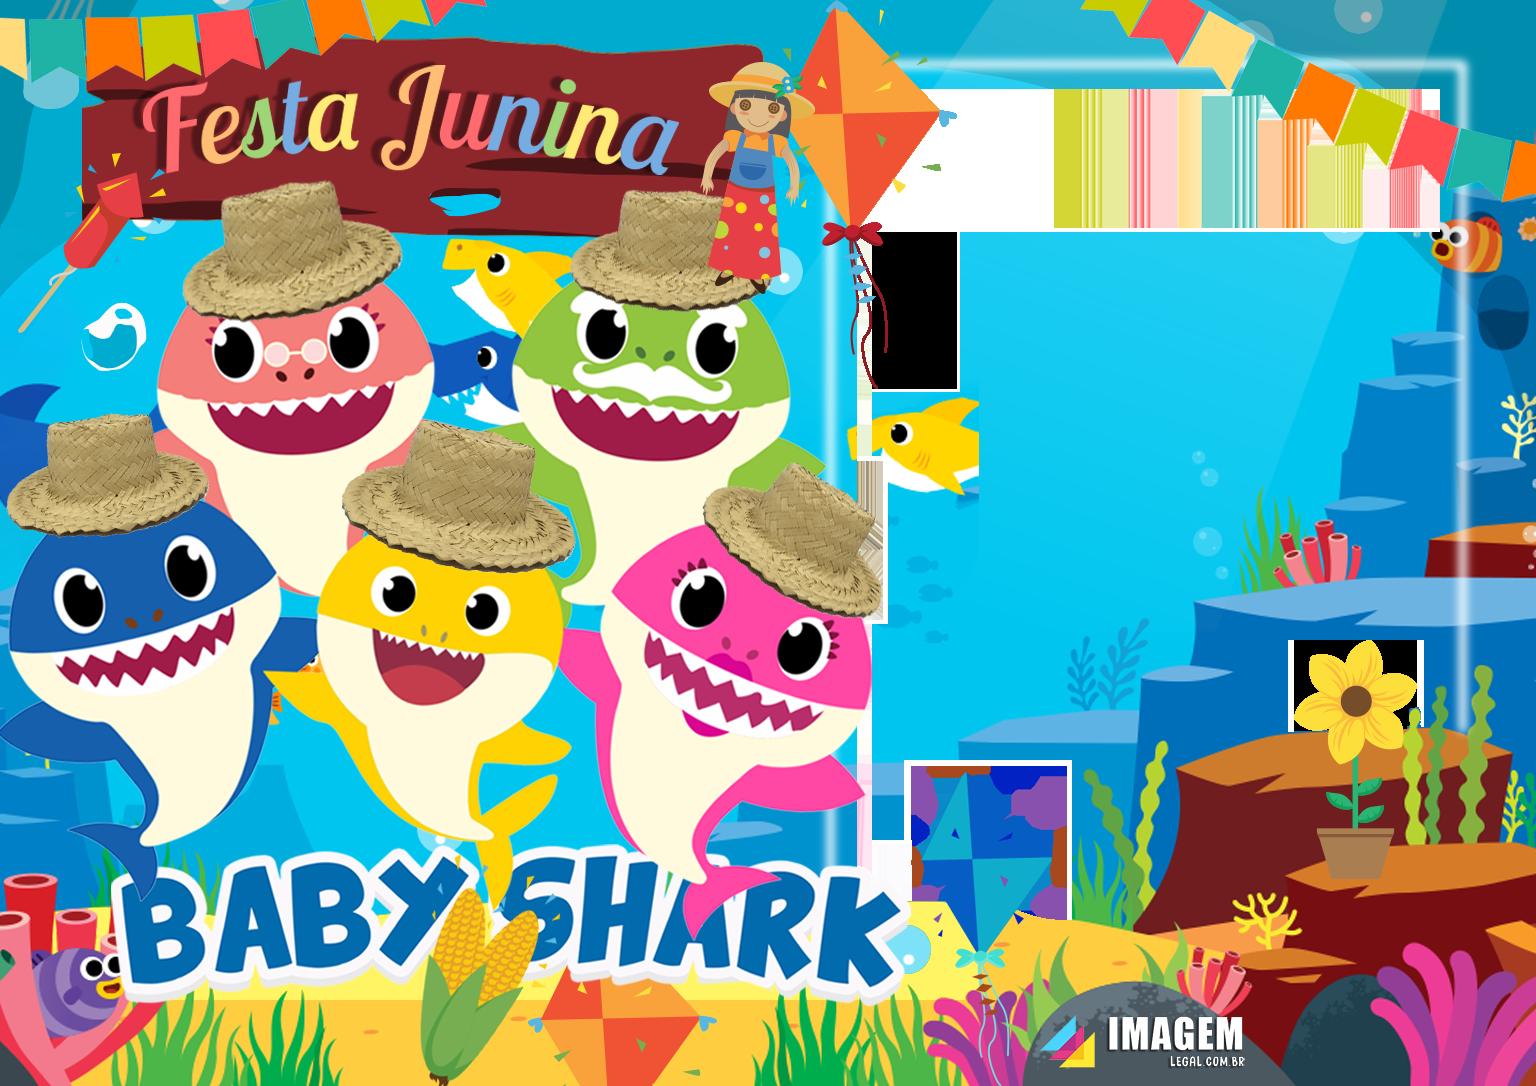 Festa Junina Baby Shark Moldura